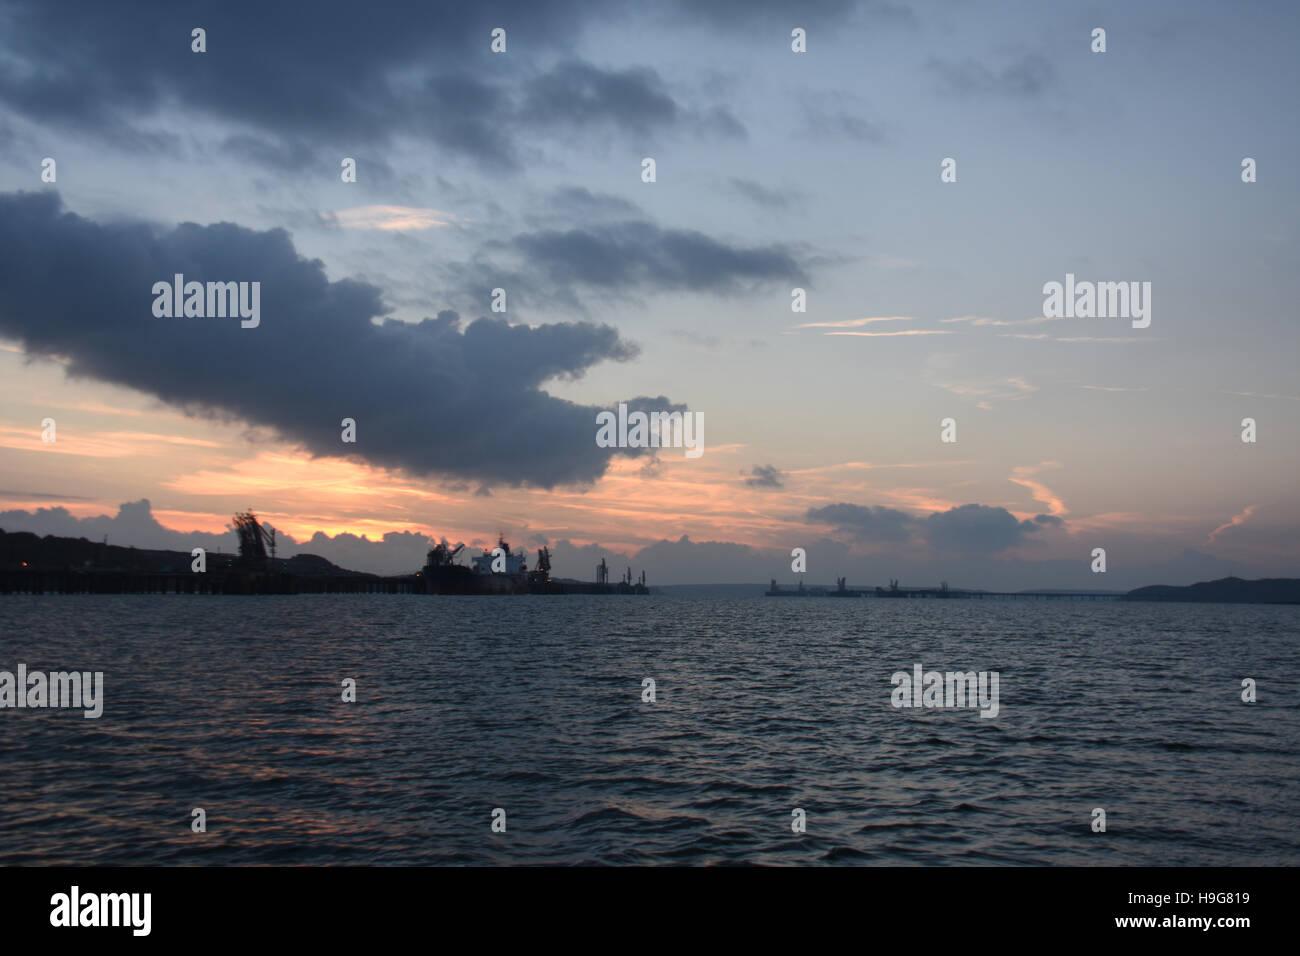 Mirando hacia el oeste por Milford Haven a las terminales de petróleo y gas con una impresionante puesta de sol de cielo azul, un resplandor rojo y algunas nubes Foto de stock